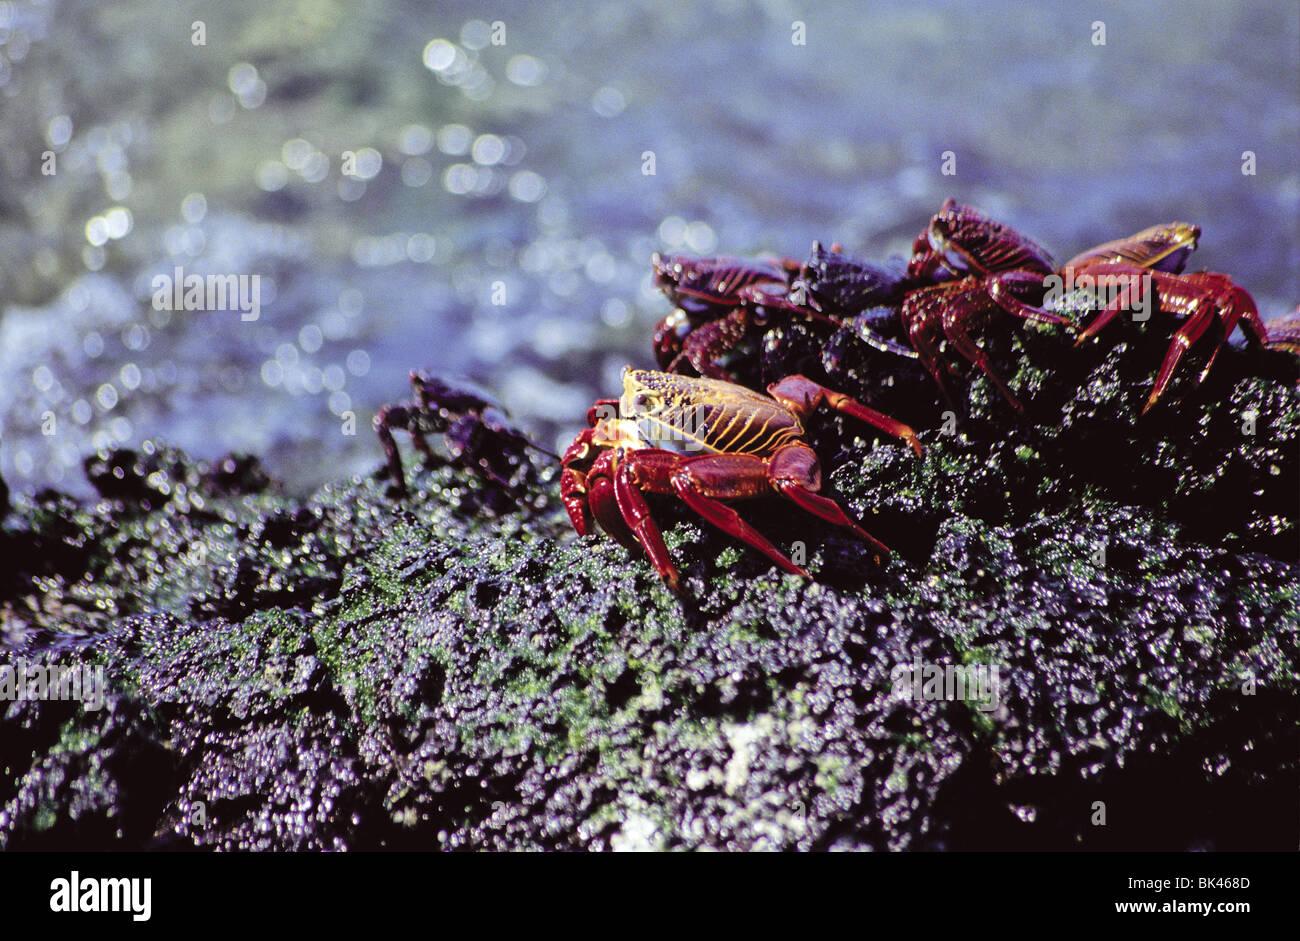 Sally Lightfoot Crabs, Galapagos Islands, Ecuador - Stock Image